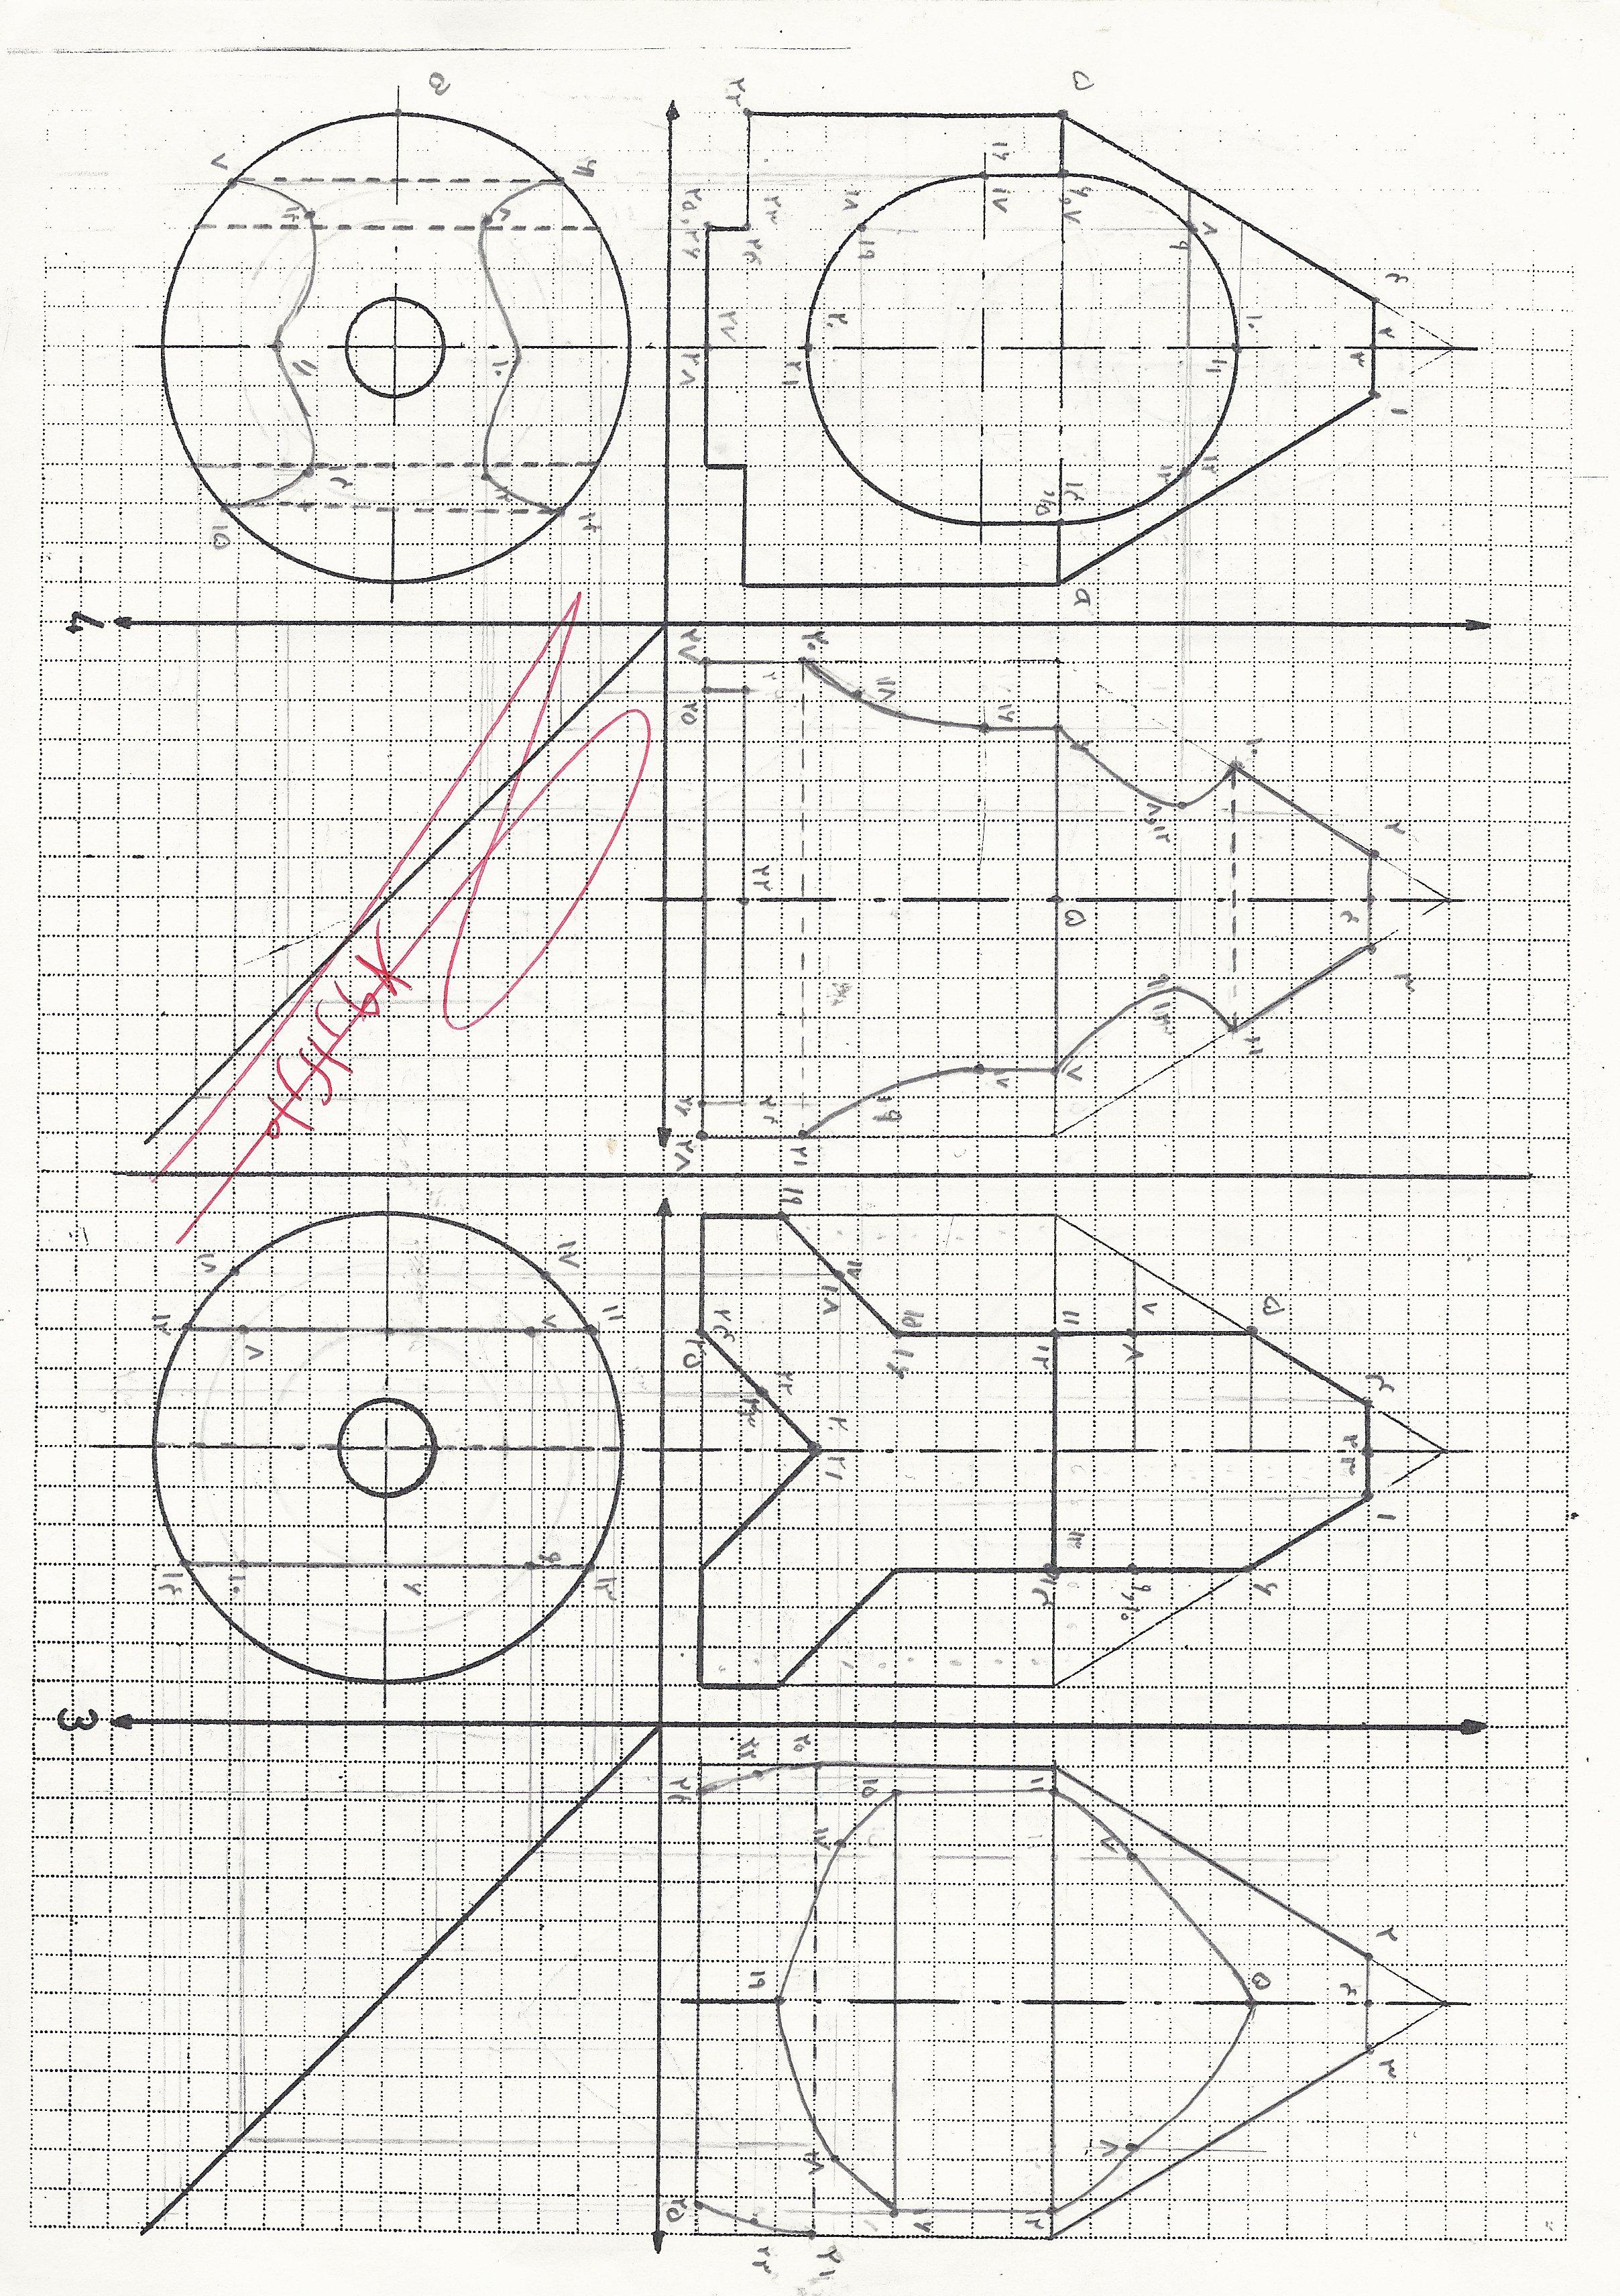 tutorial 10 : Engineering Drawing   GrabCAD Tutorials